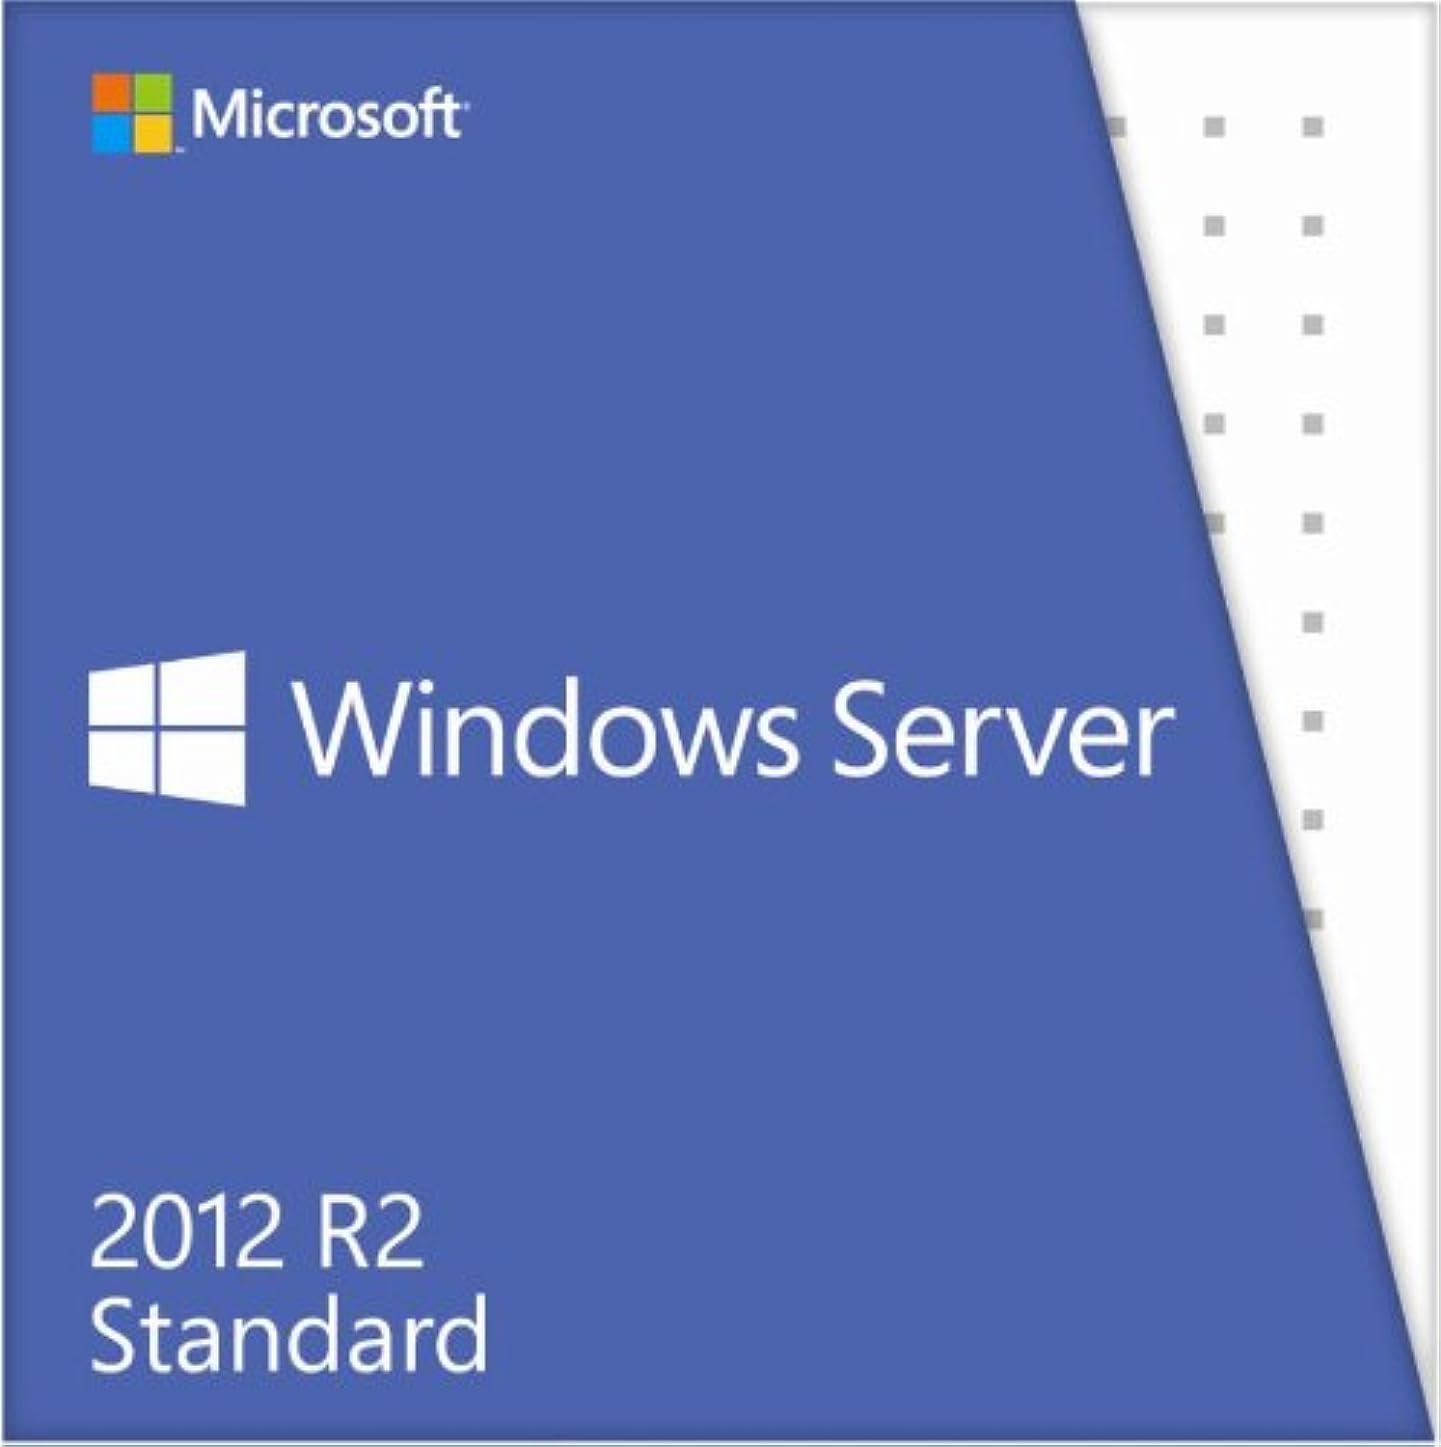 おとなしいスパークプーノWindows Server 2012 R2 Standard 日本語版|10 CAL付